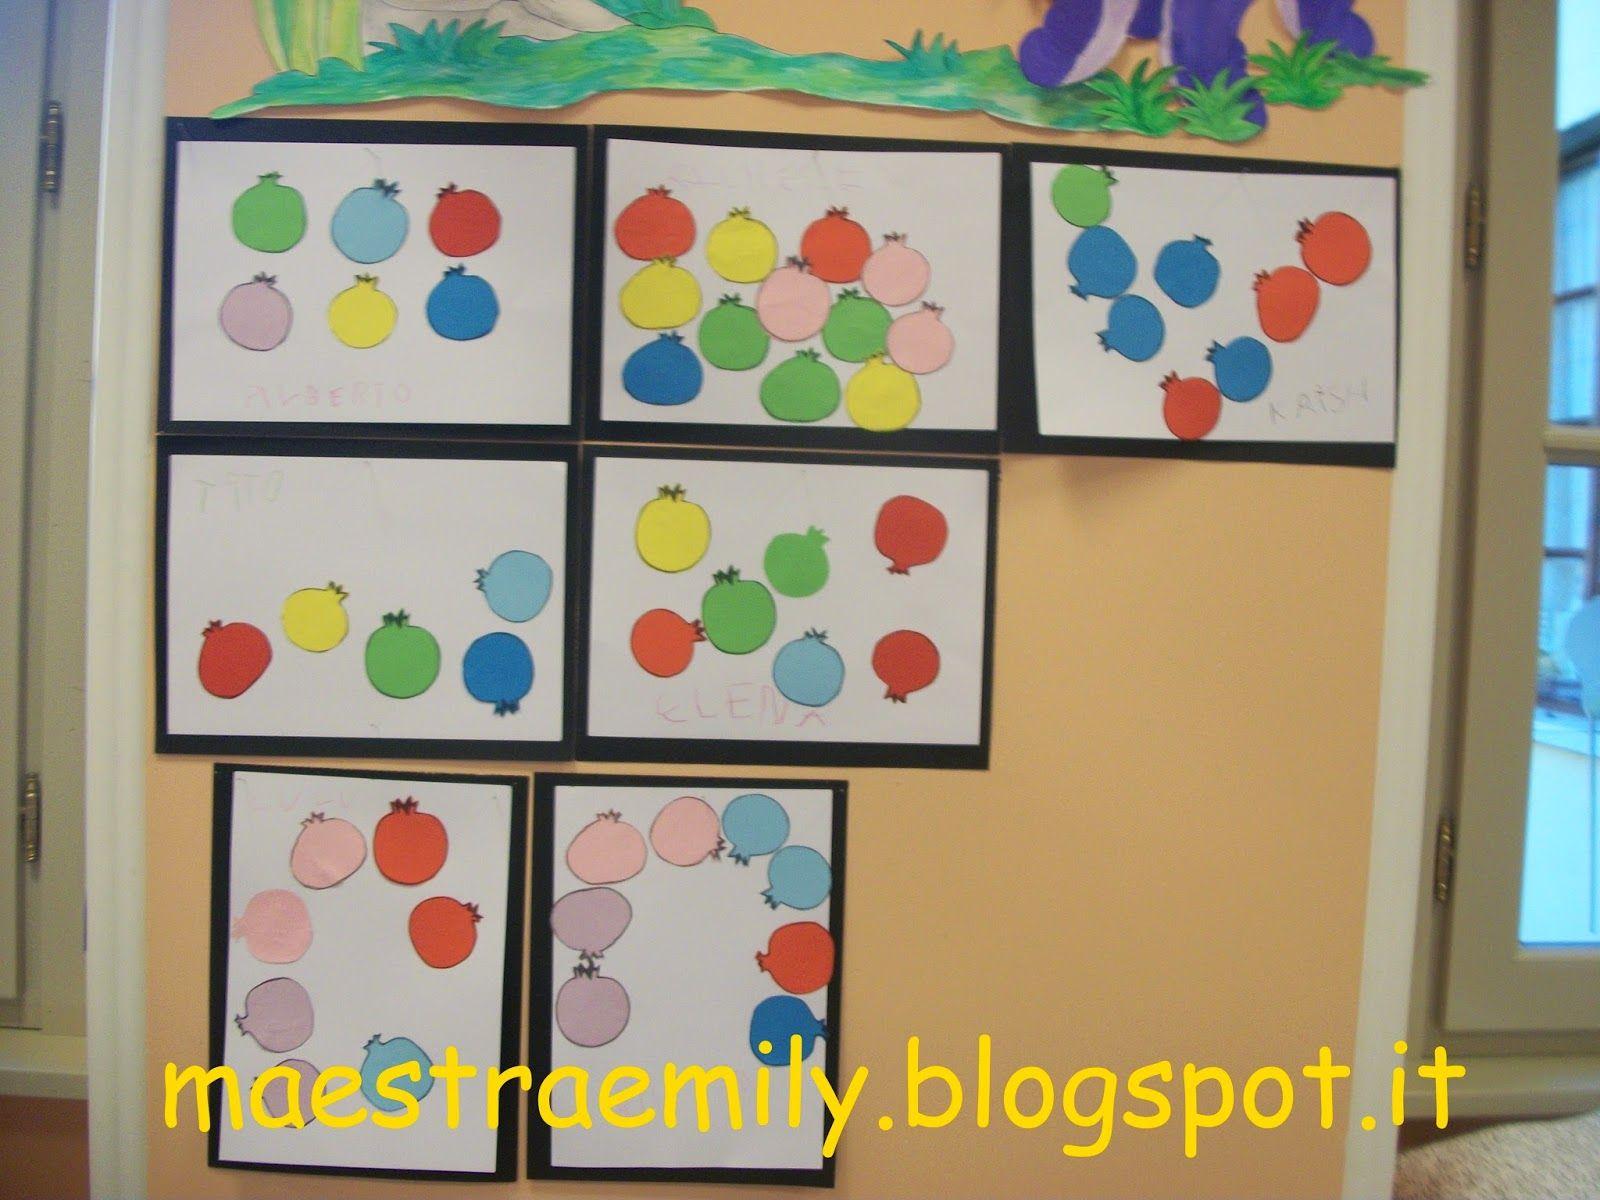 maestraemily melegrane pop art autunno scuola pinterest infanzia autunno e scuola. Black Bedroom Furniture Sets. Home Design Ideas